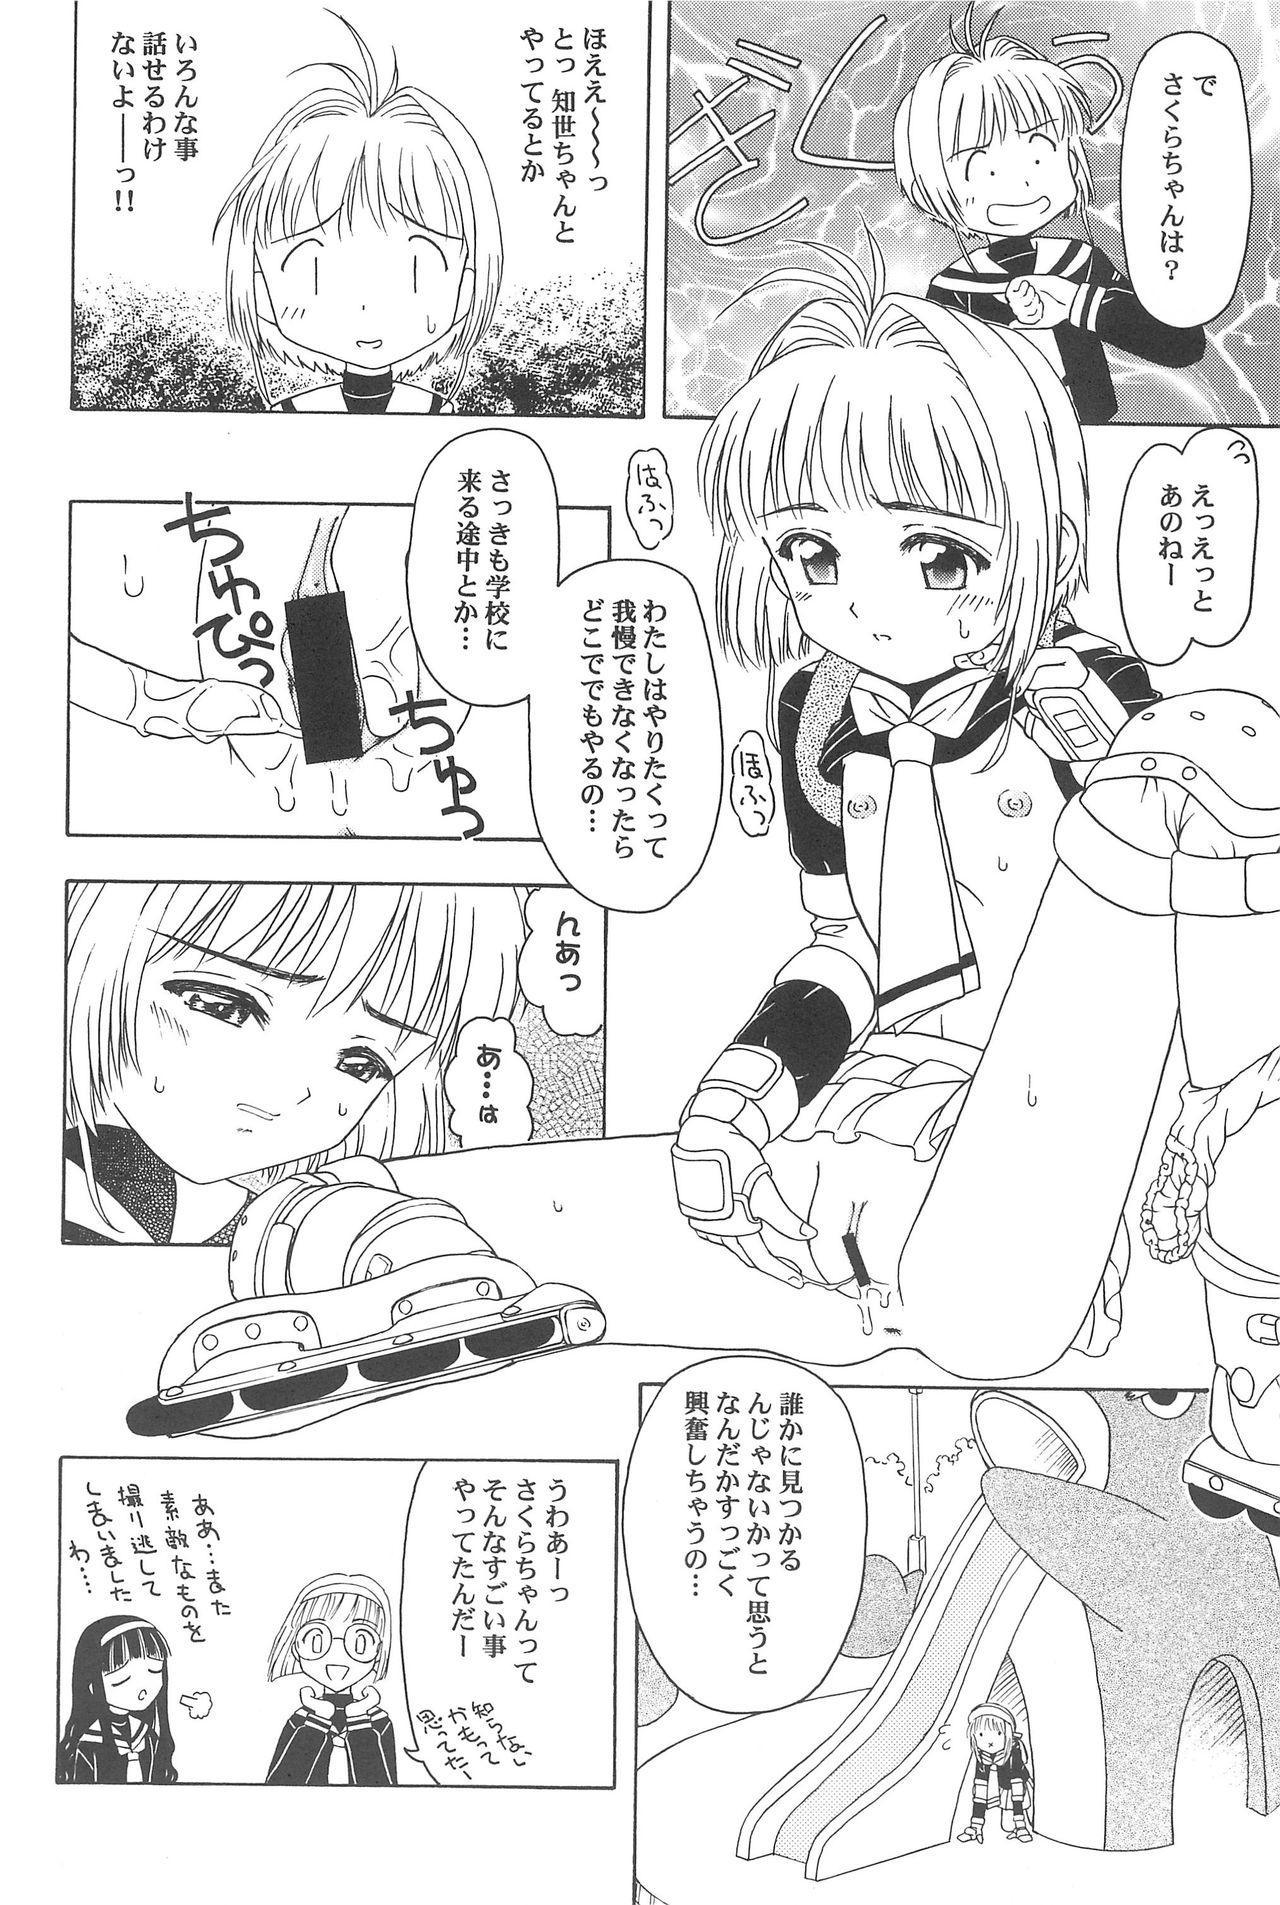 Sakura to Tomoyo ALL OF INTERCOURSE Jou 44